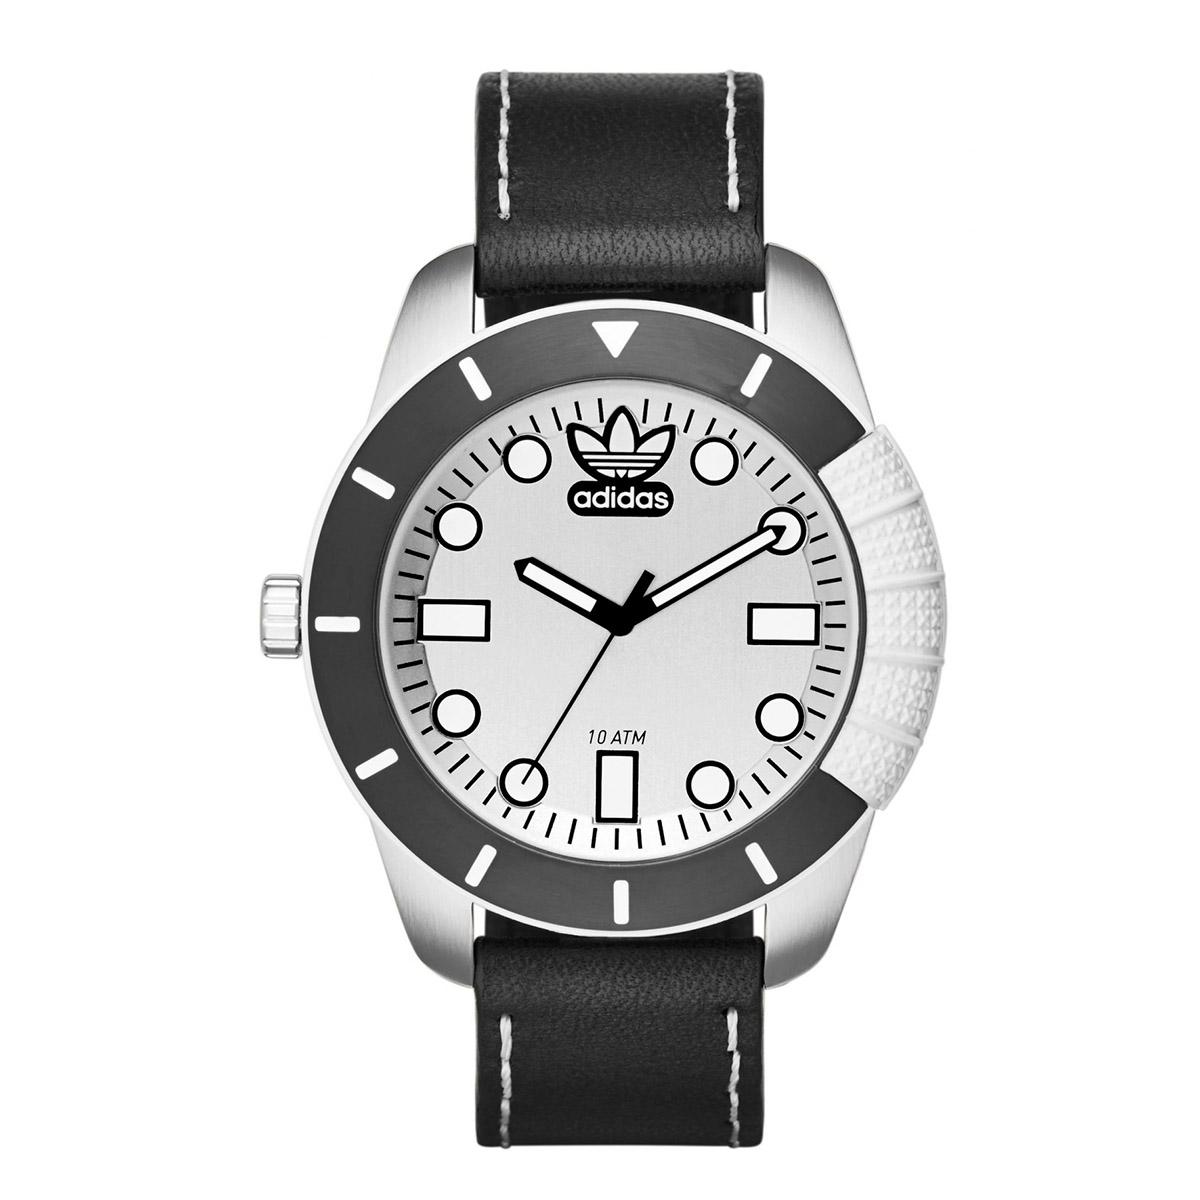 นาฬิกาผู้ชาย Adidas รุ่น ADH3037